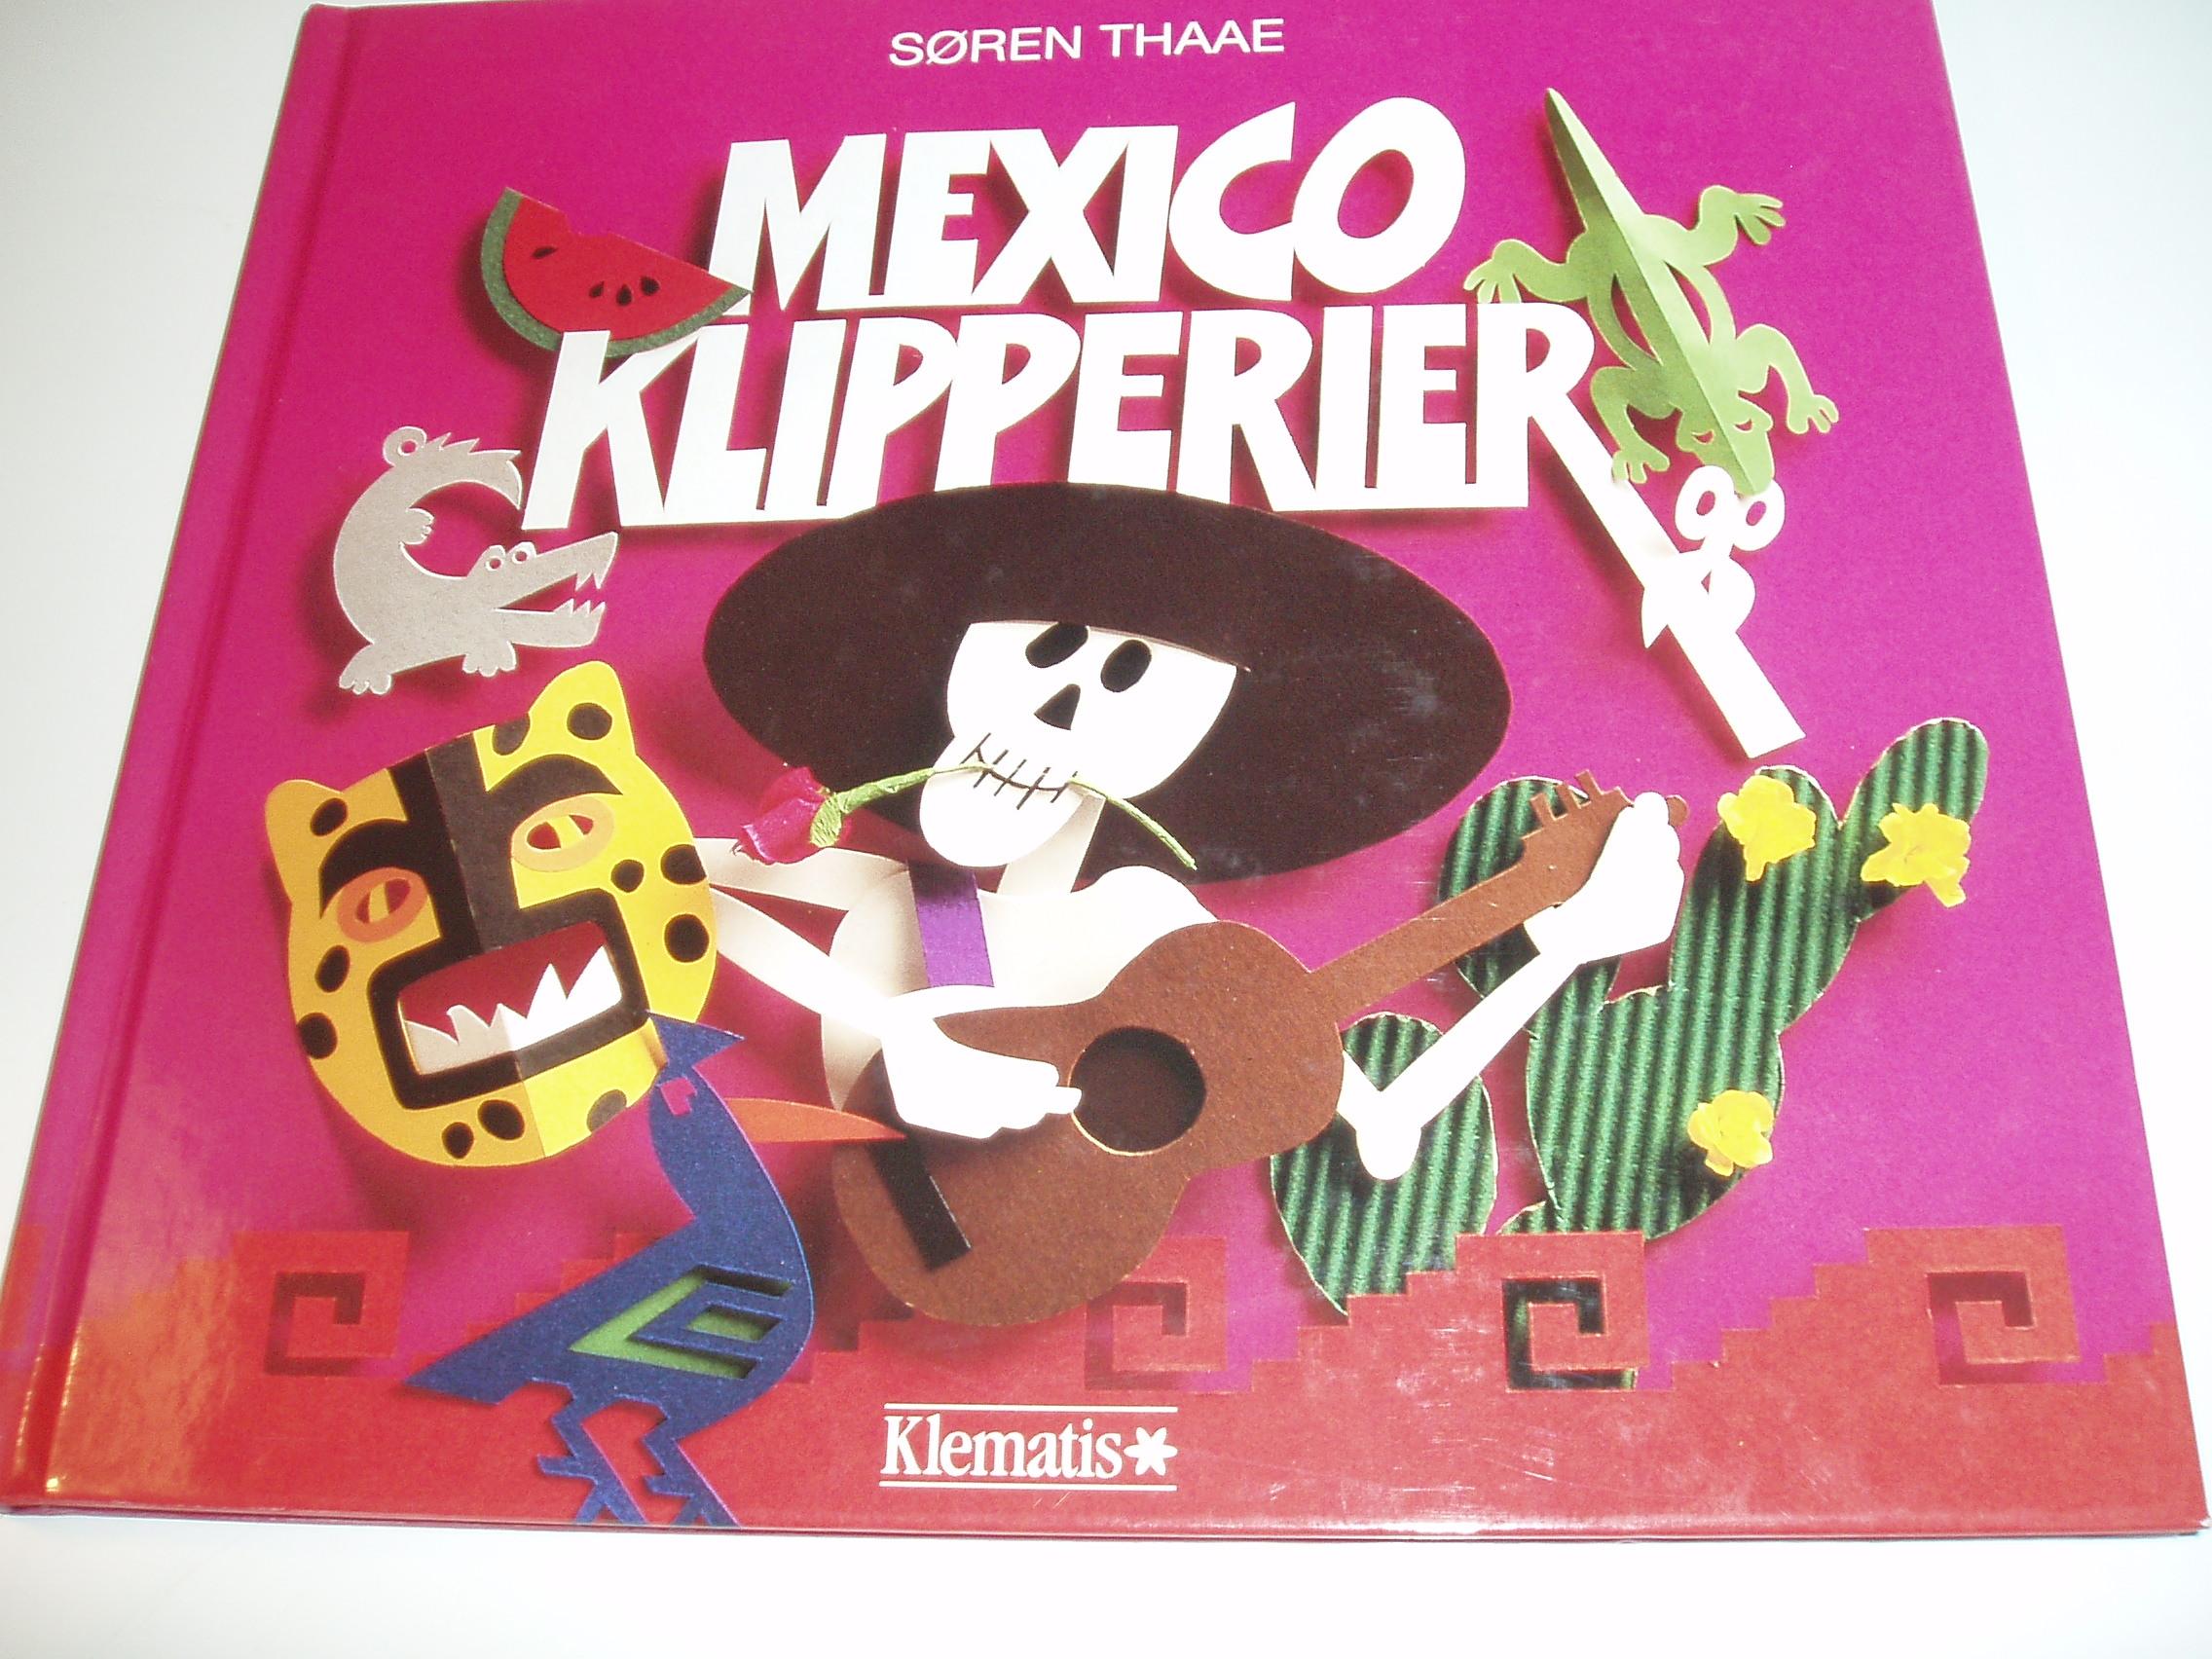 Mexicoklipperier